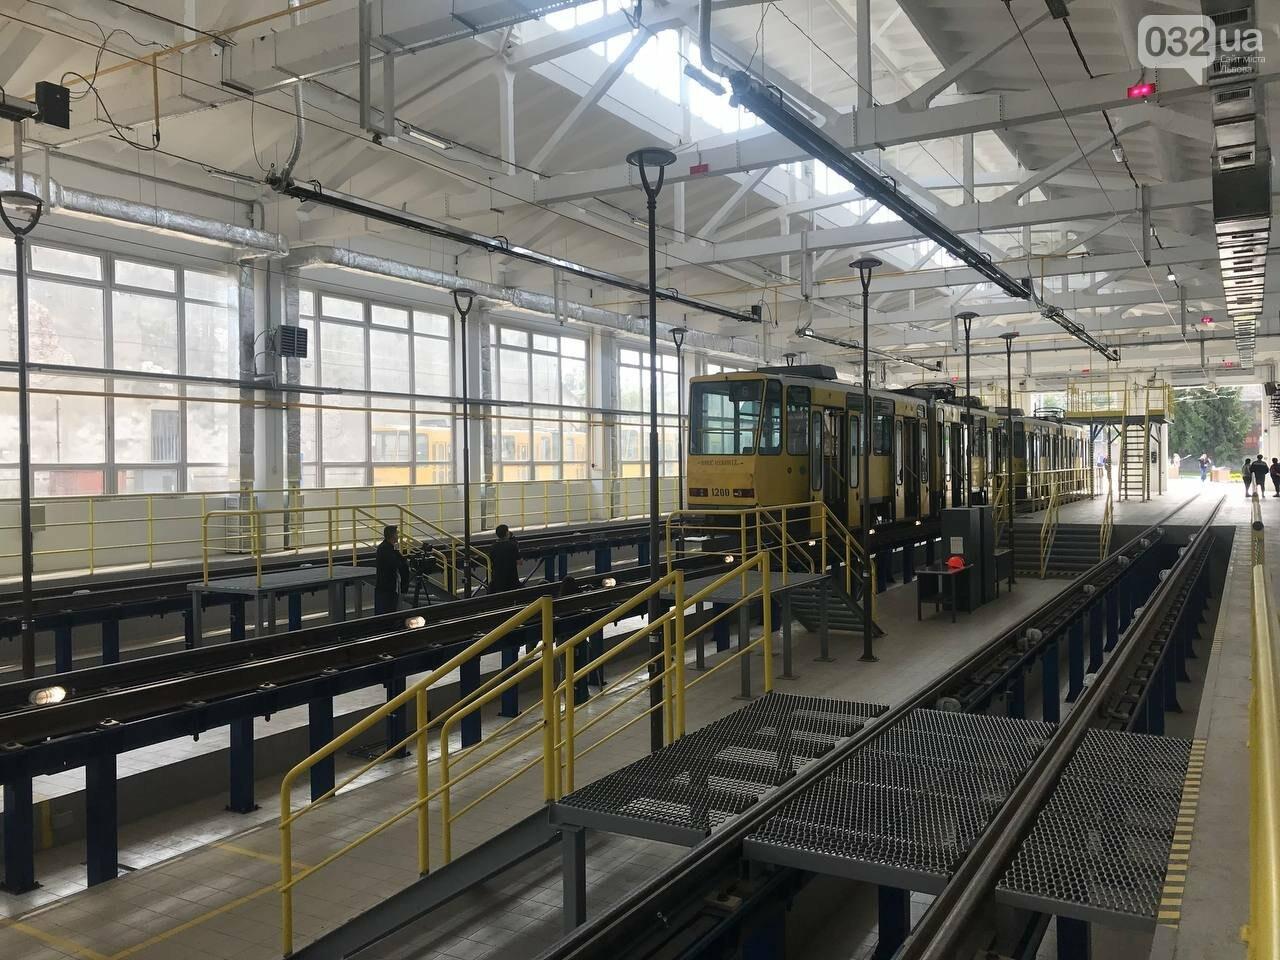 Як виглядає оновлене трамвайне депо на Промисловій, - ФОТО, ВІДЕО, фото-3